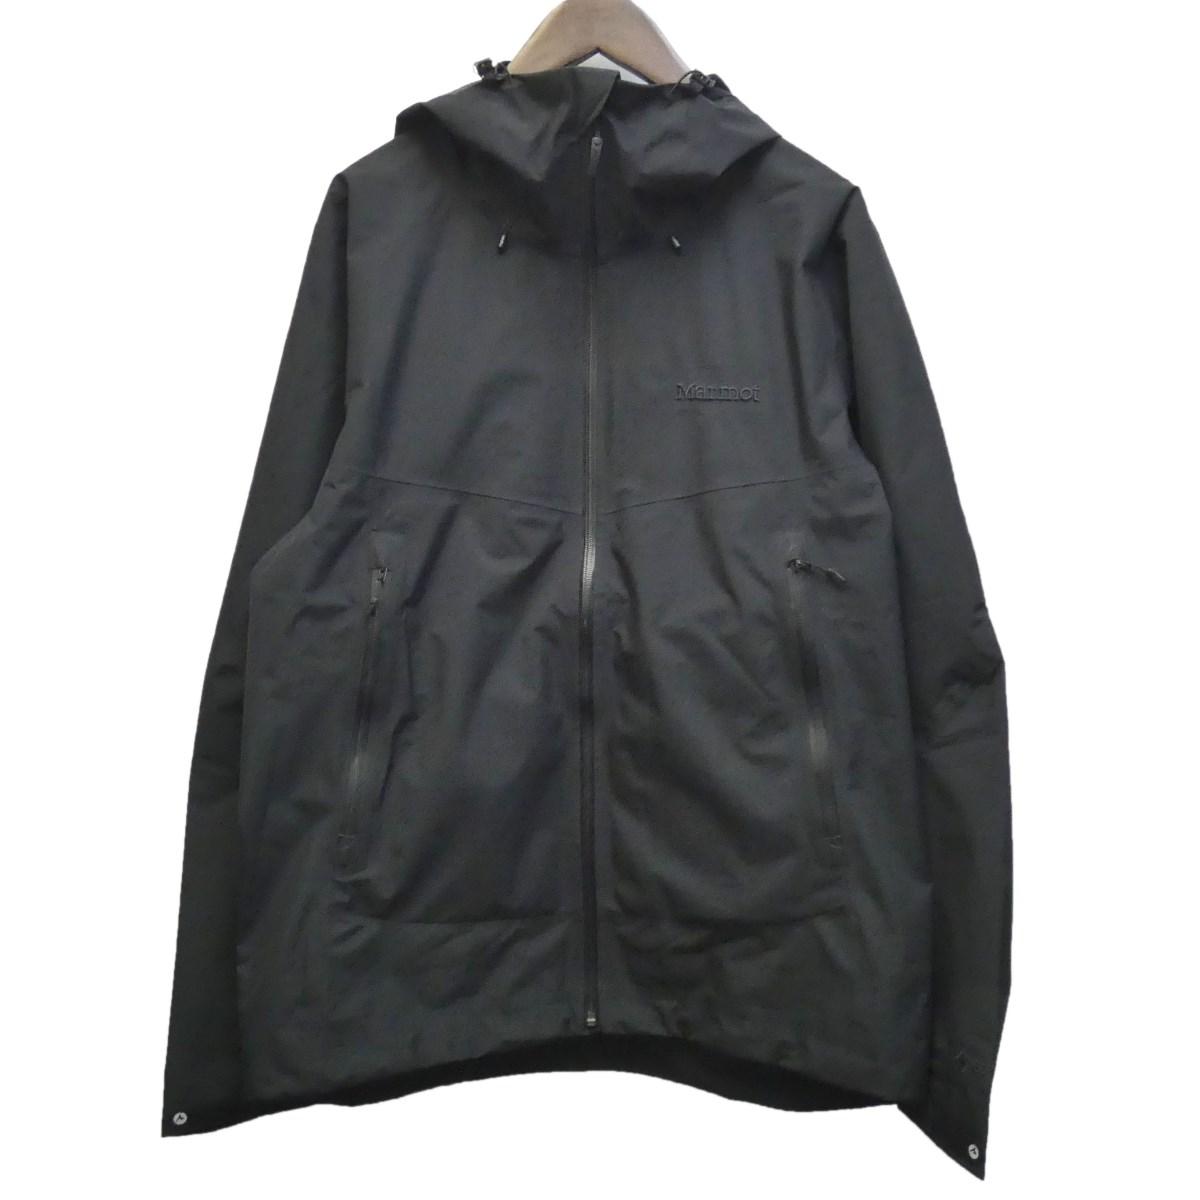 【中古】Marmot 20SS 「Comodo Jacket」 コモドジャケット ブラック サイズ:XL 【140420】(マーモット)